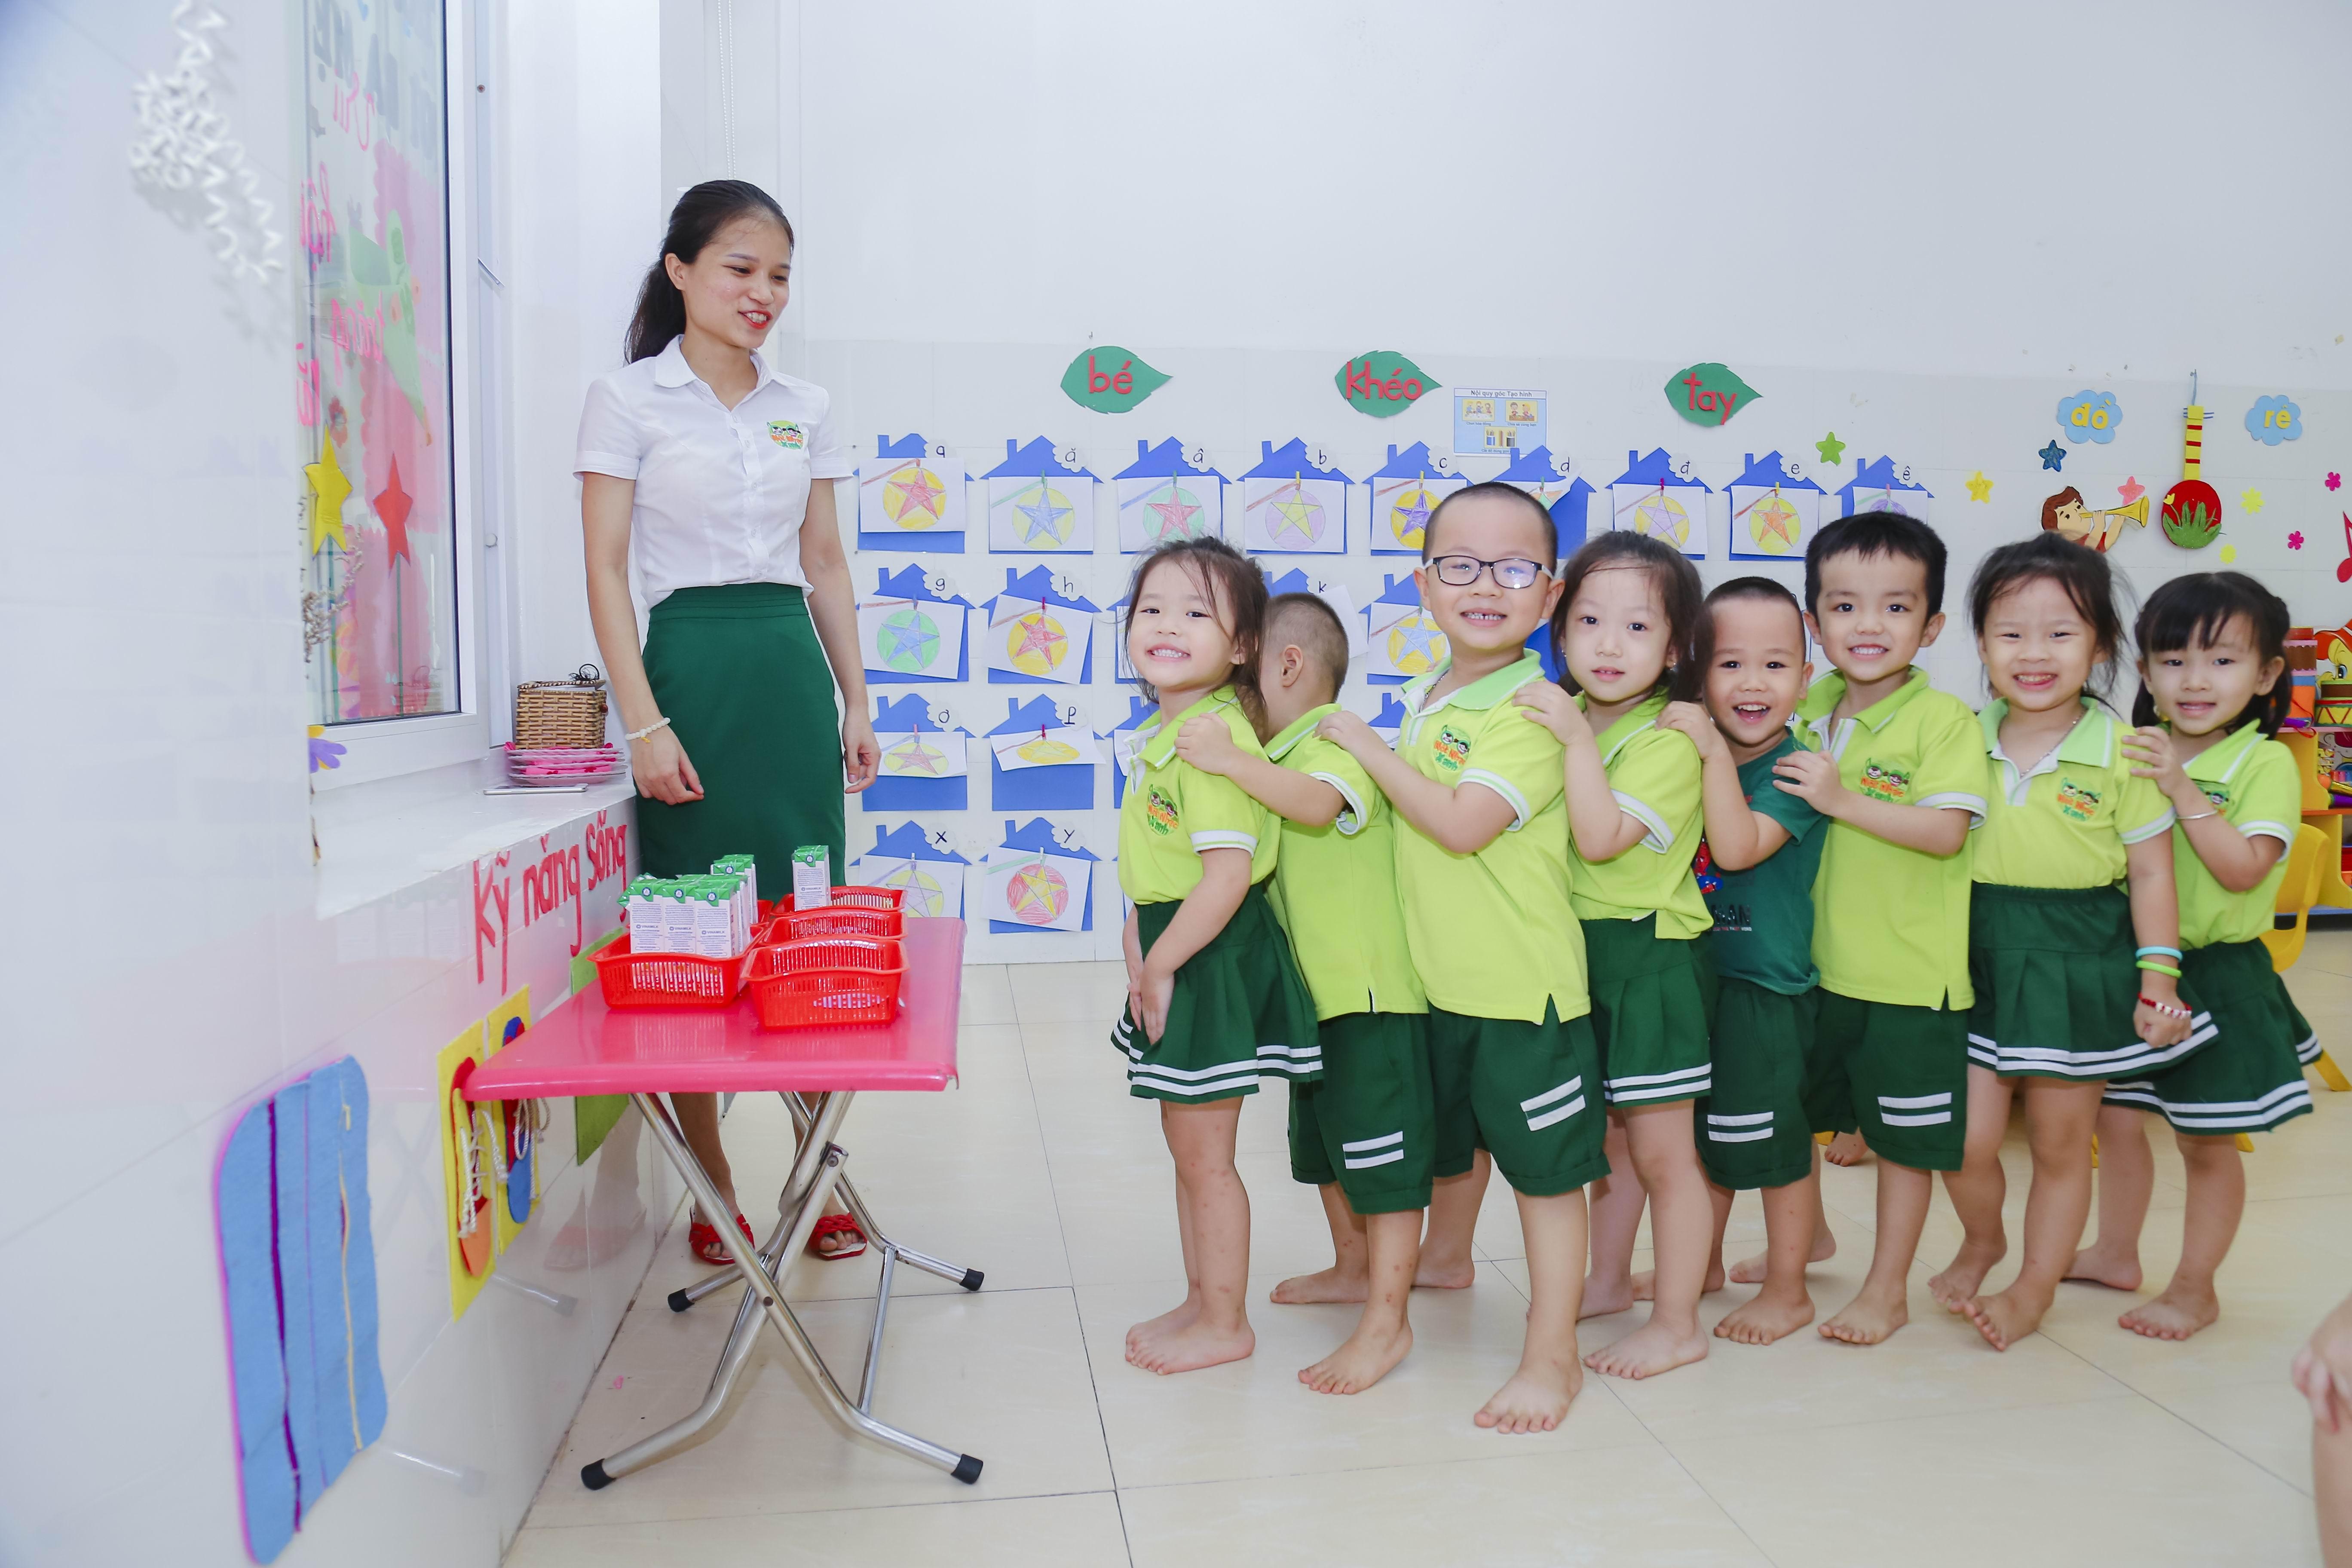 Nỗ lực thầm lặng của thầy cô nhằm nâng cao thể chất học sinh